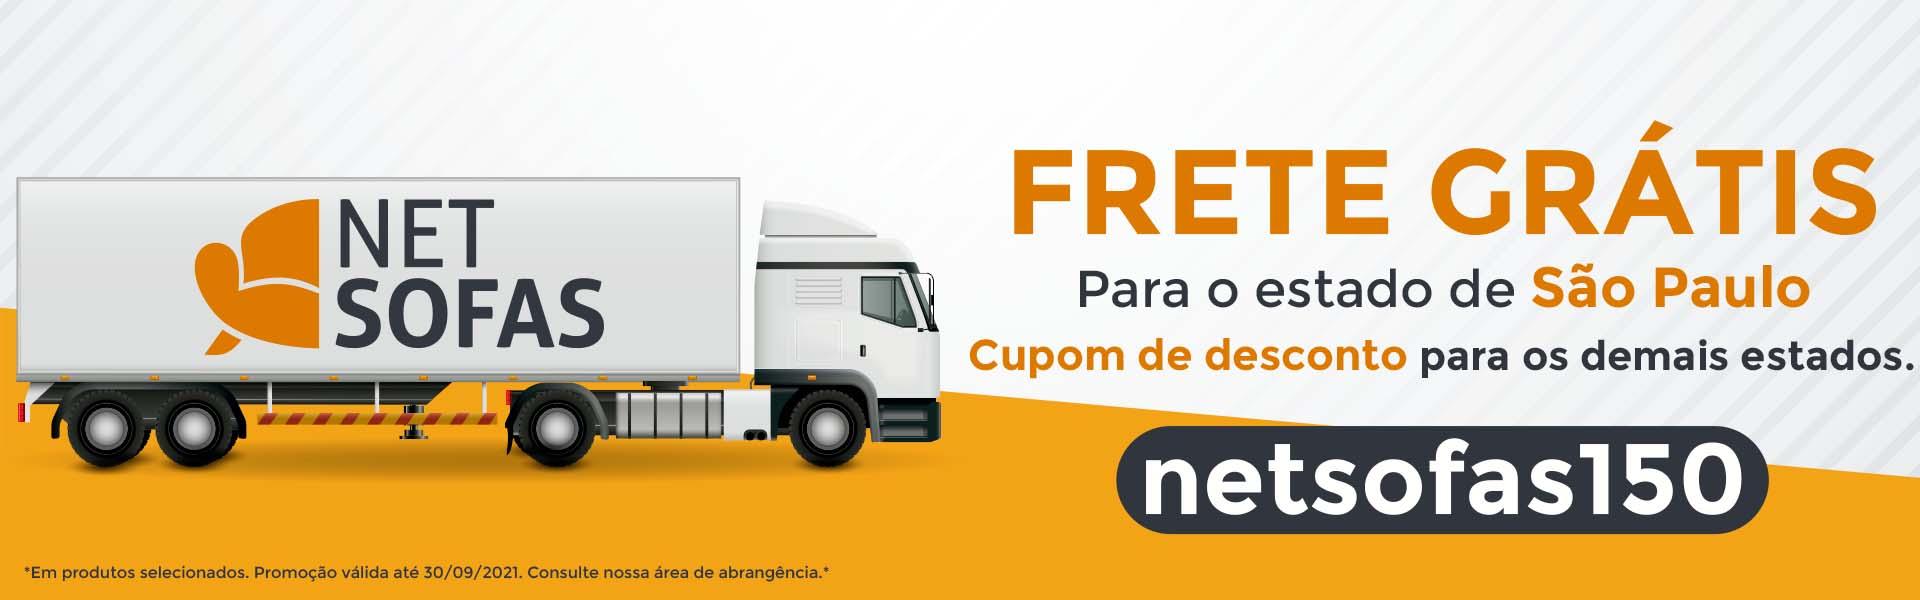 NETSOFAS | Frete grátis